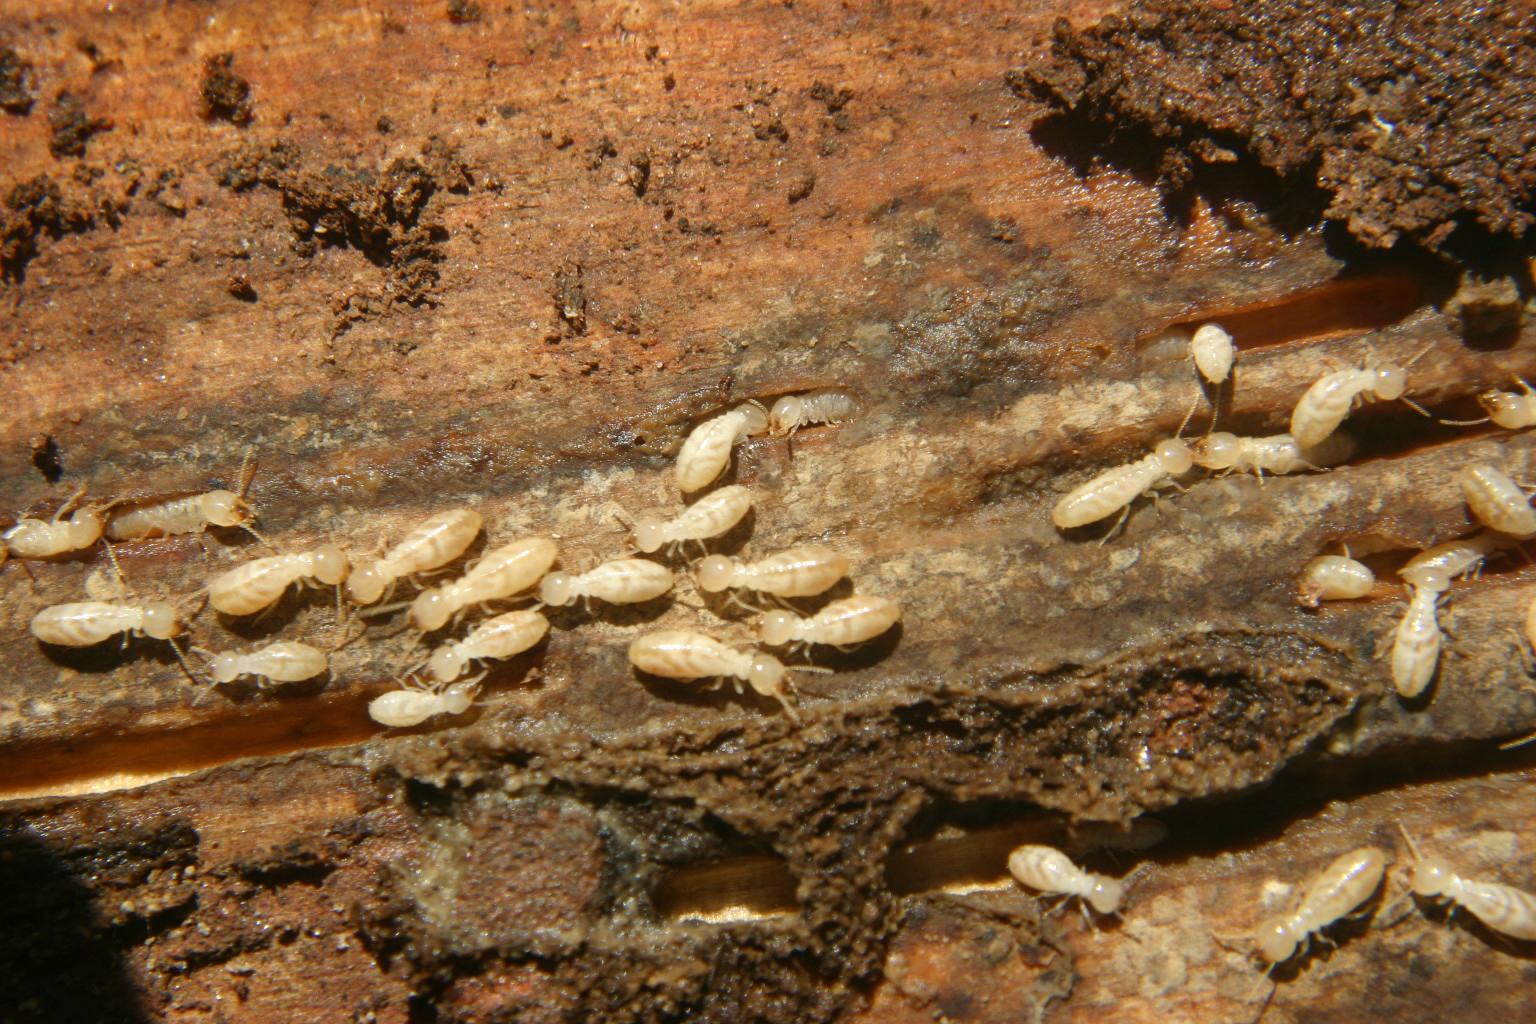 immature termites